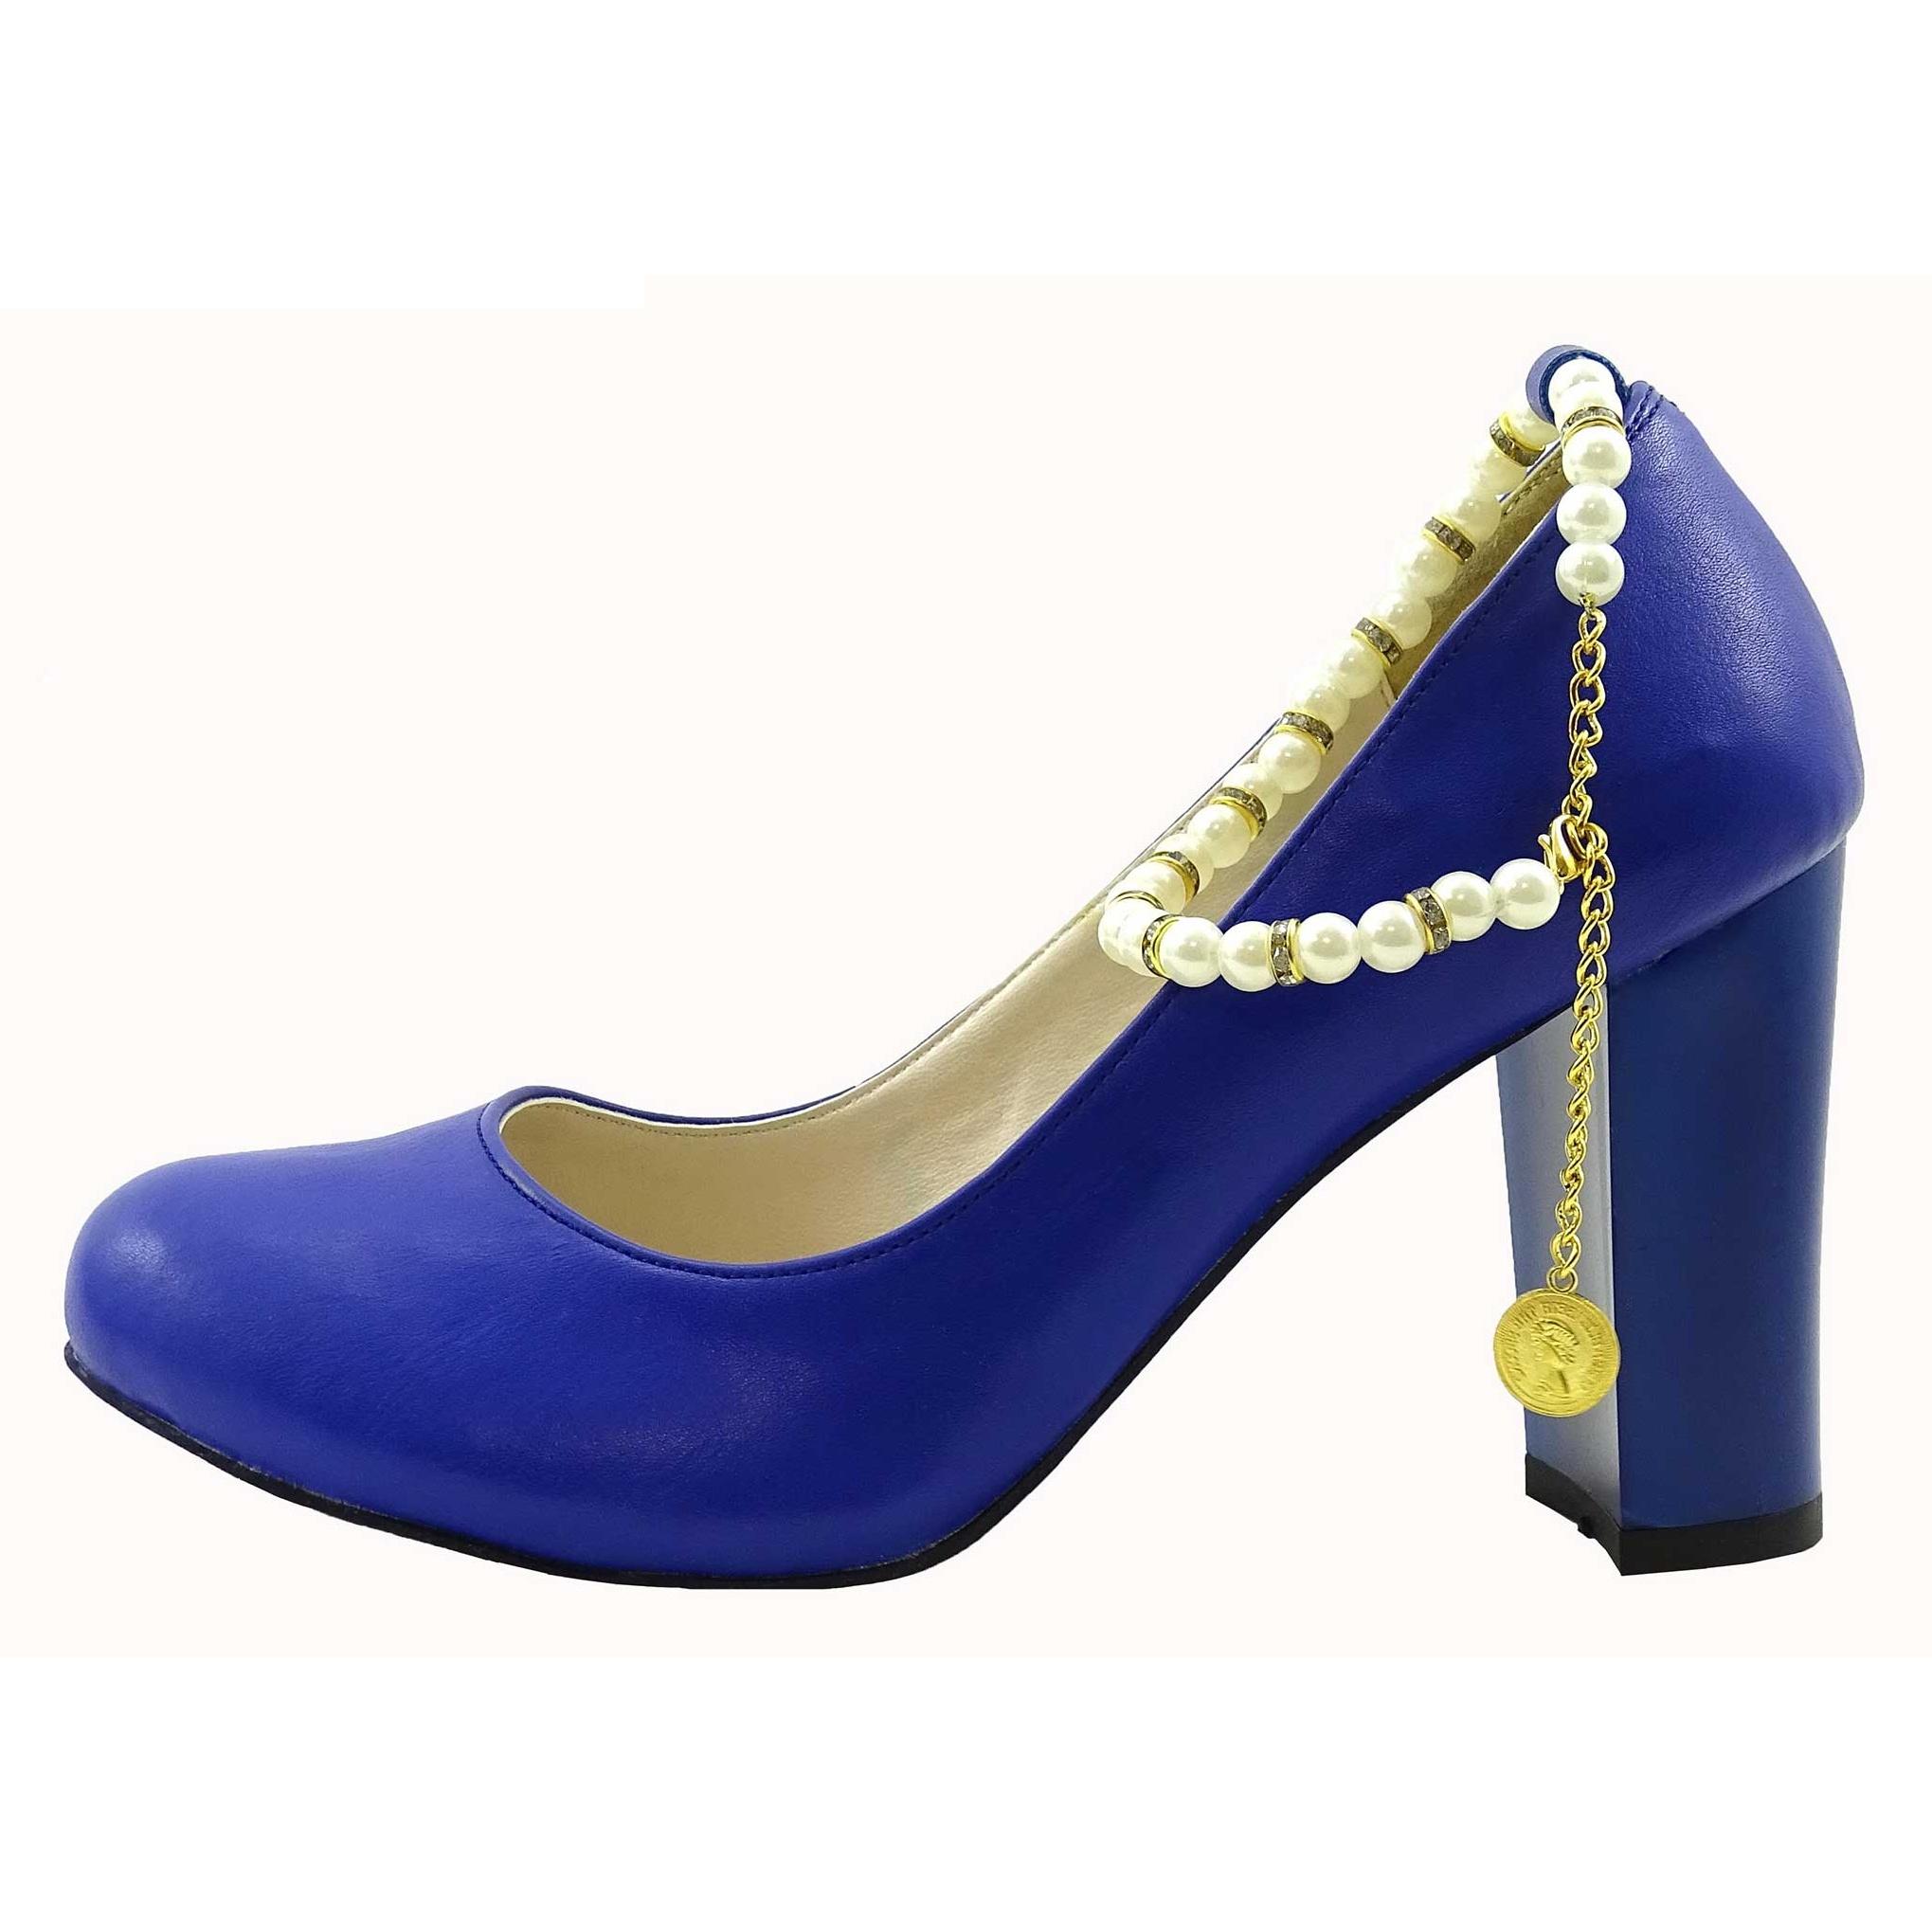 کفش زنانه آذاردو مدل W05724